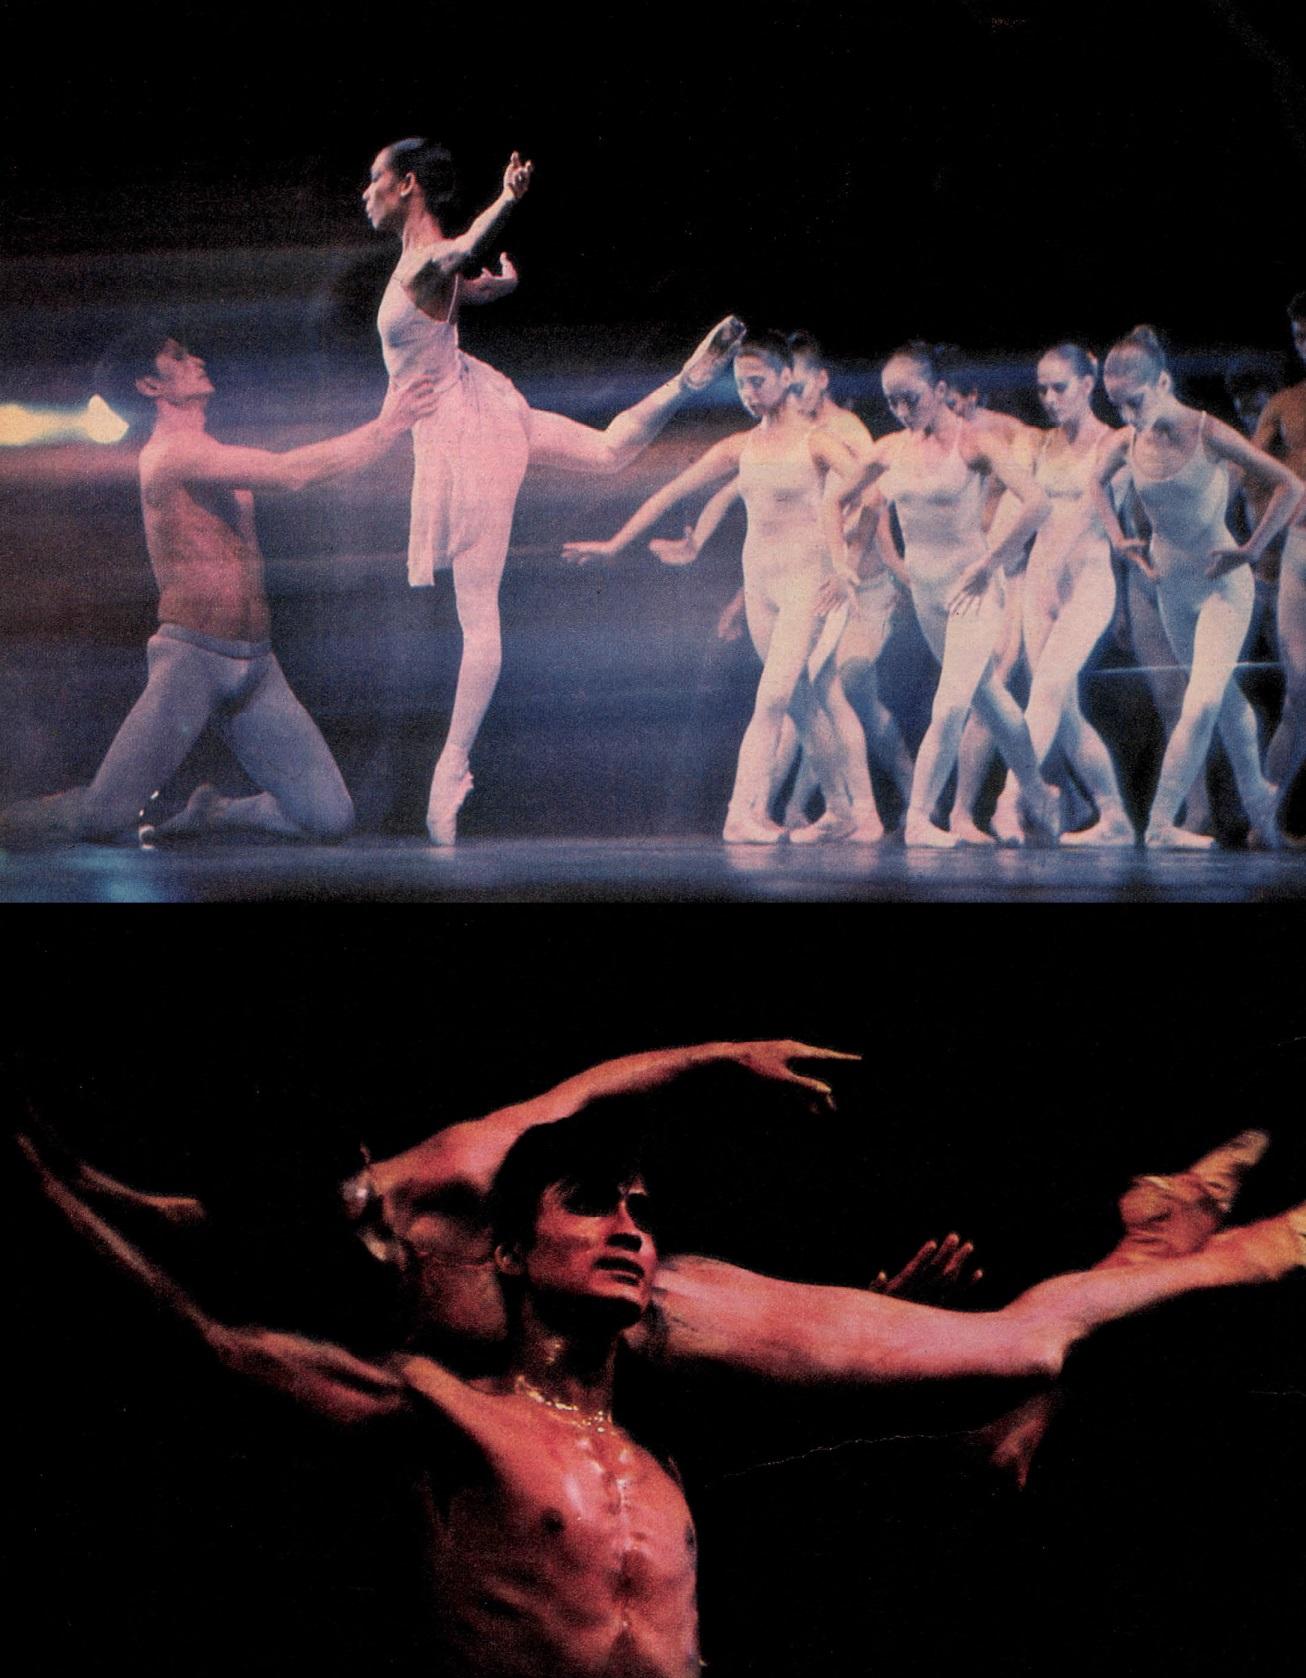 idokapszula_nb_i_1982_83_tavaszi_zaras_merlegen_a_felsohaz_caracasi_balett.jpg